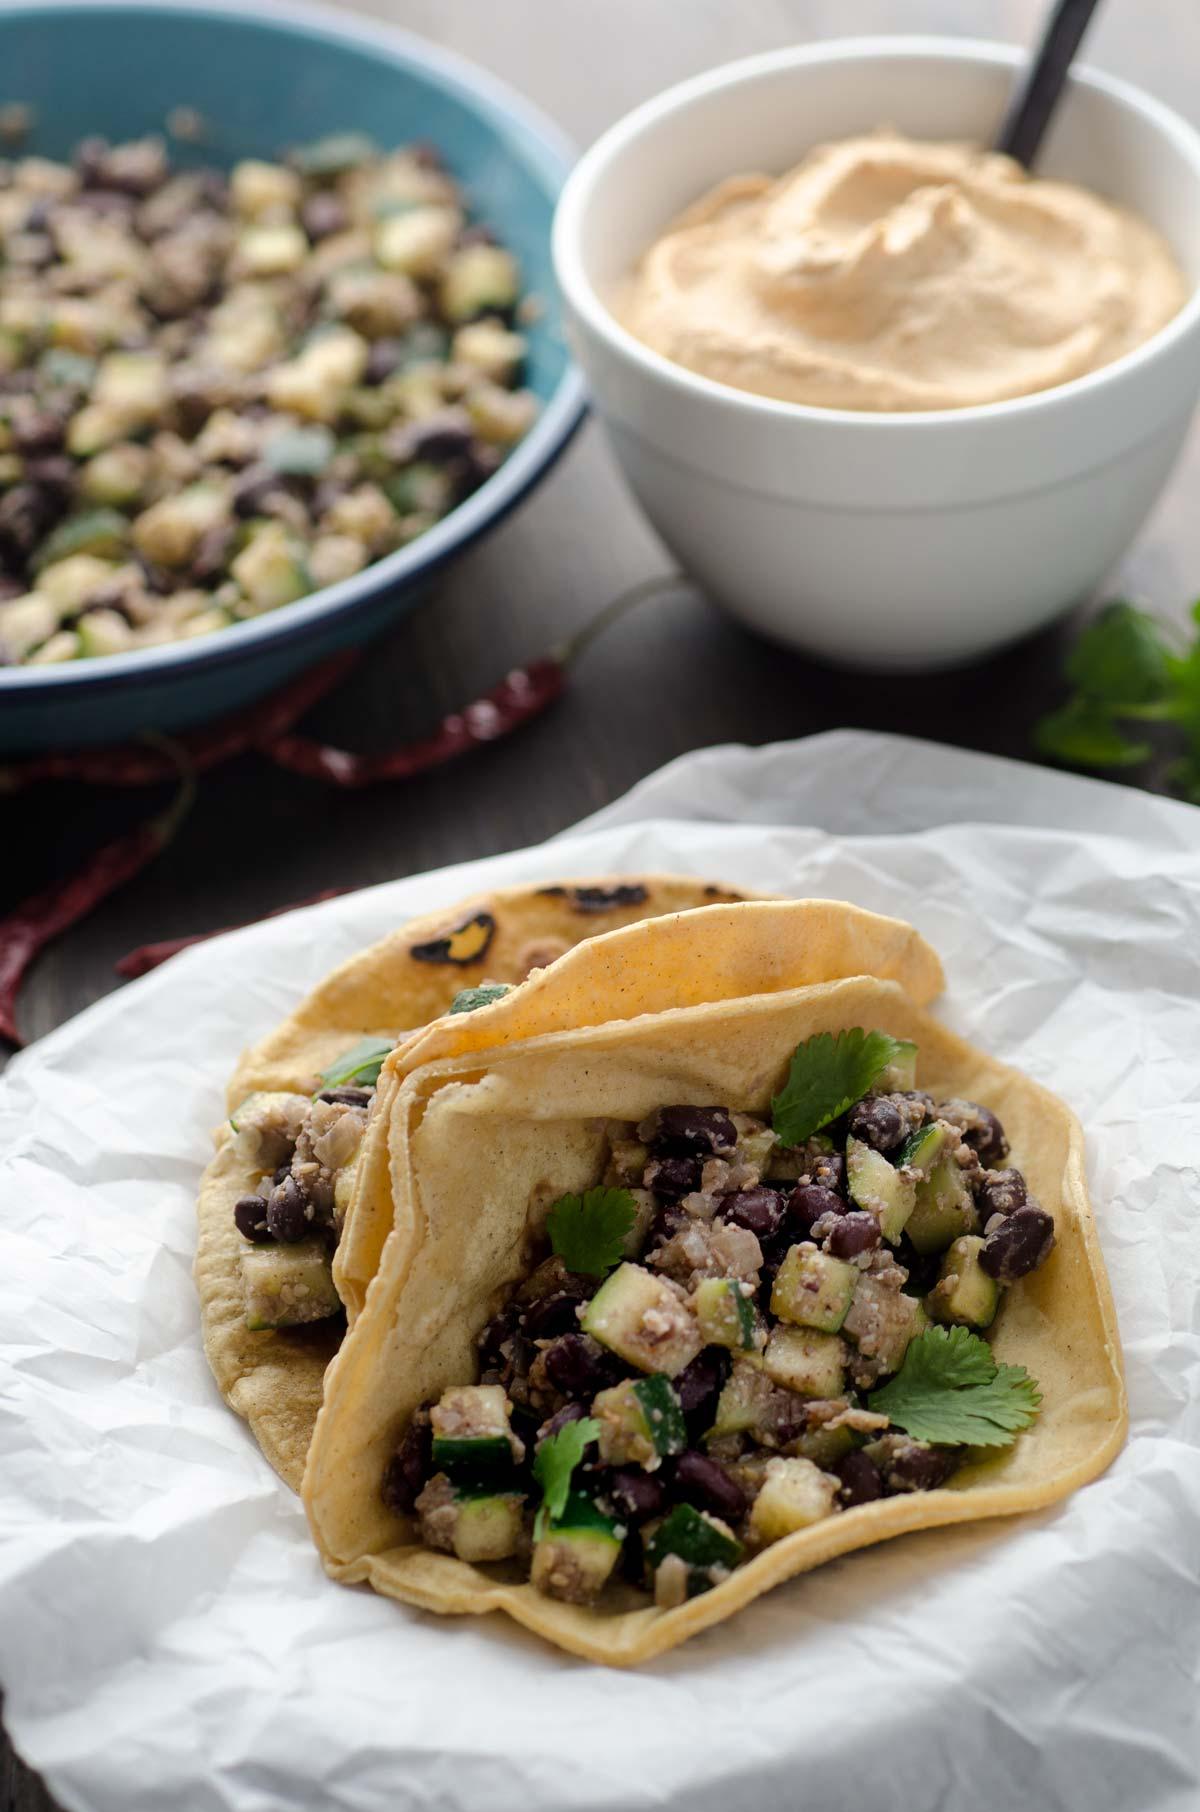 Tacos de calabacitas y frijoles negros con salsa de almendra y chile de árbol. Son muy fácil de hacer y están llenos de proteína.